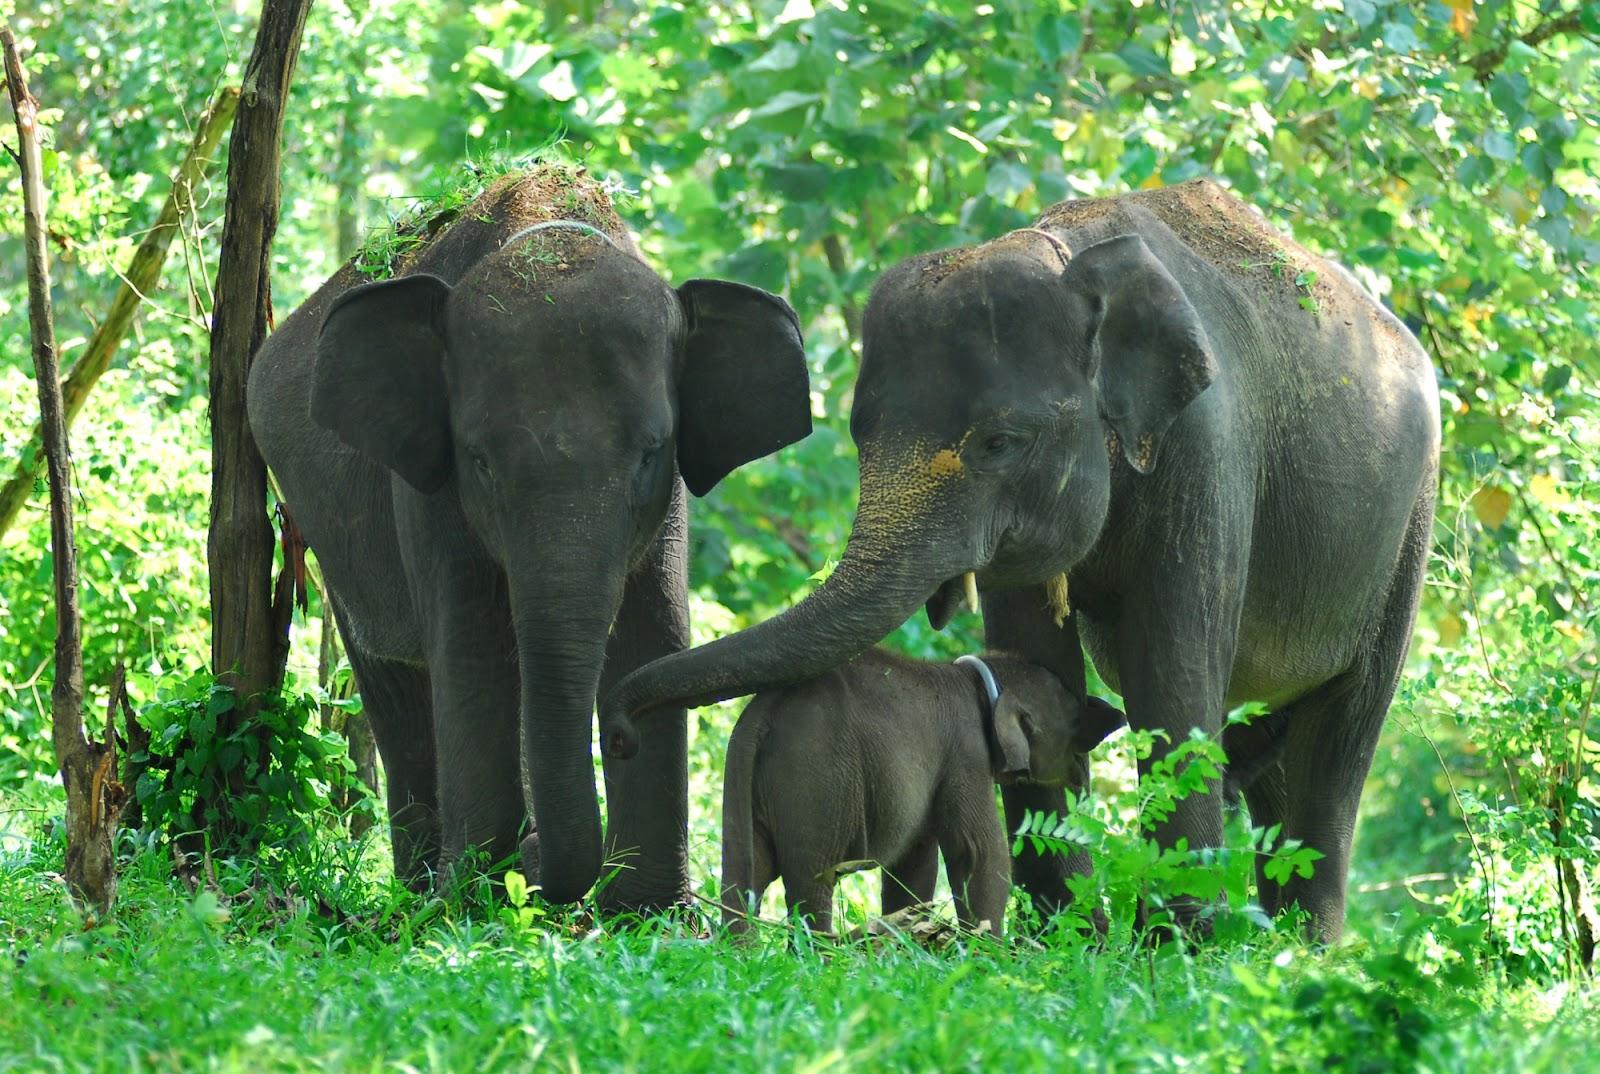 60 Gambar Hewan Gajah Badak dan Jerapah  Ayeeycom